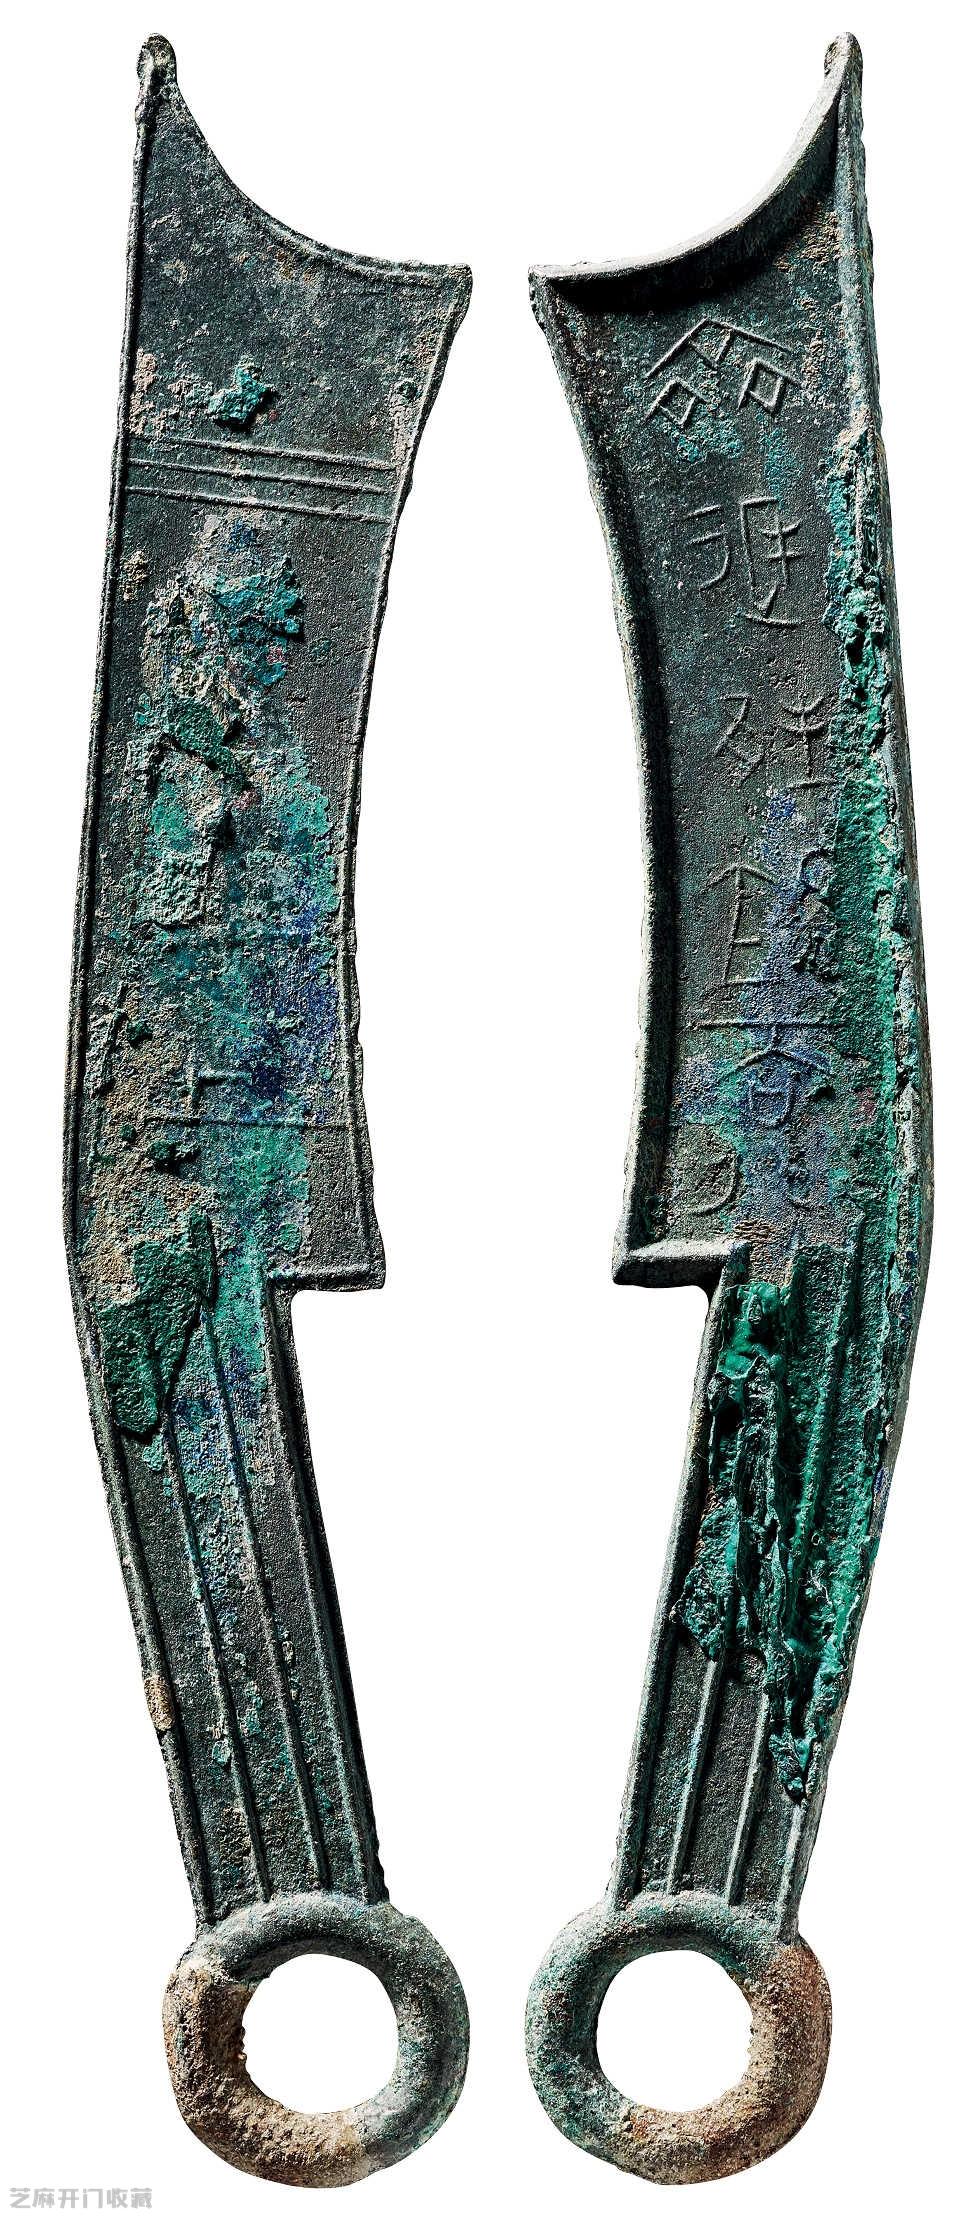 刀币是铜做的吗